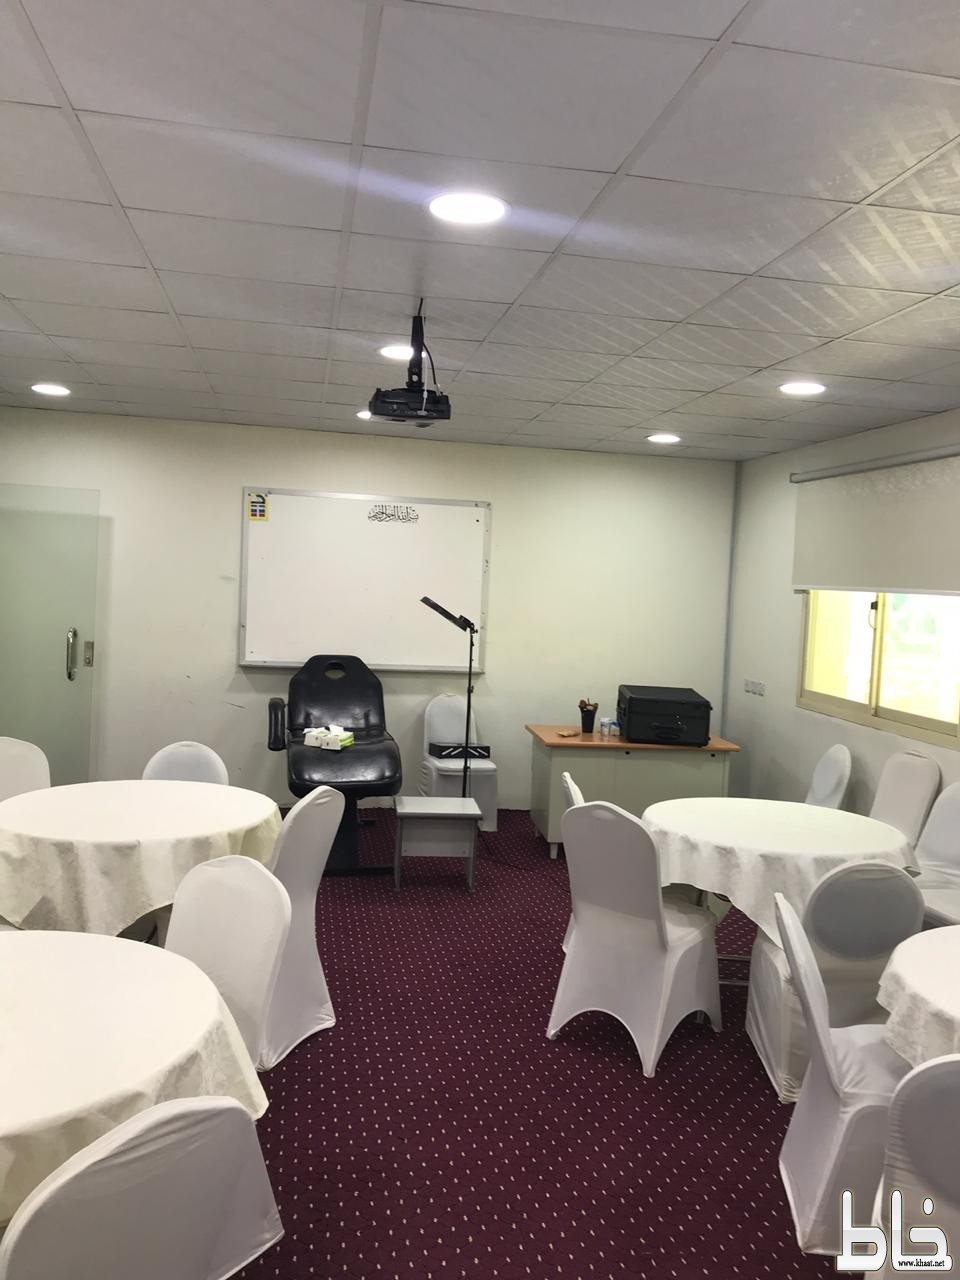 الغرفة التجارية بالمجاردة تدشن قاعة التدريب الثالثة بالمركز